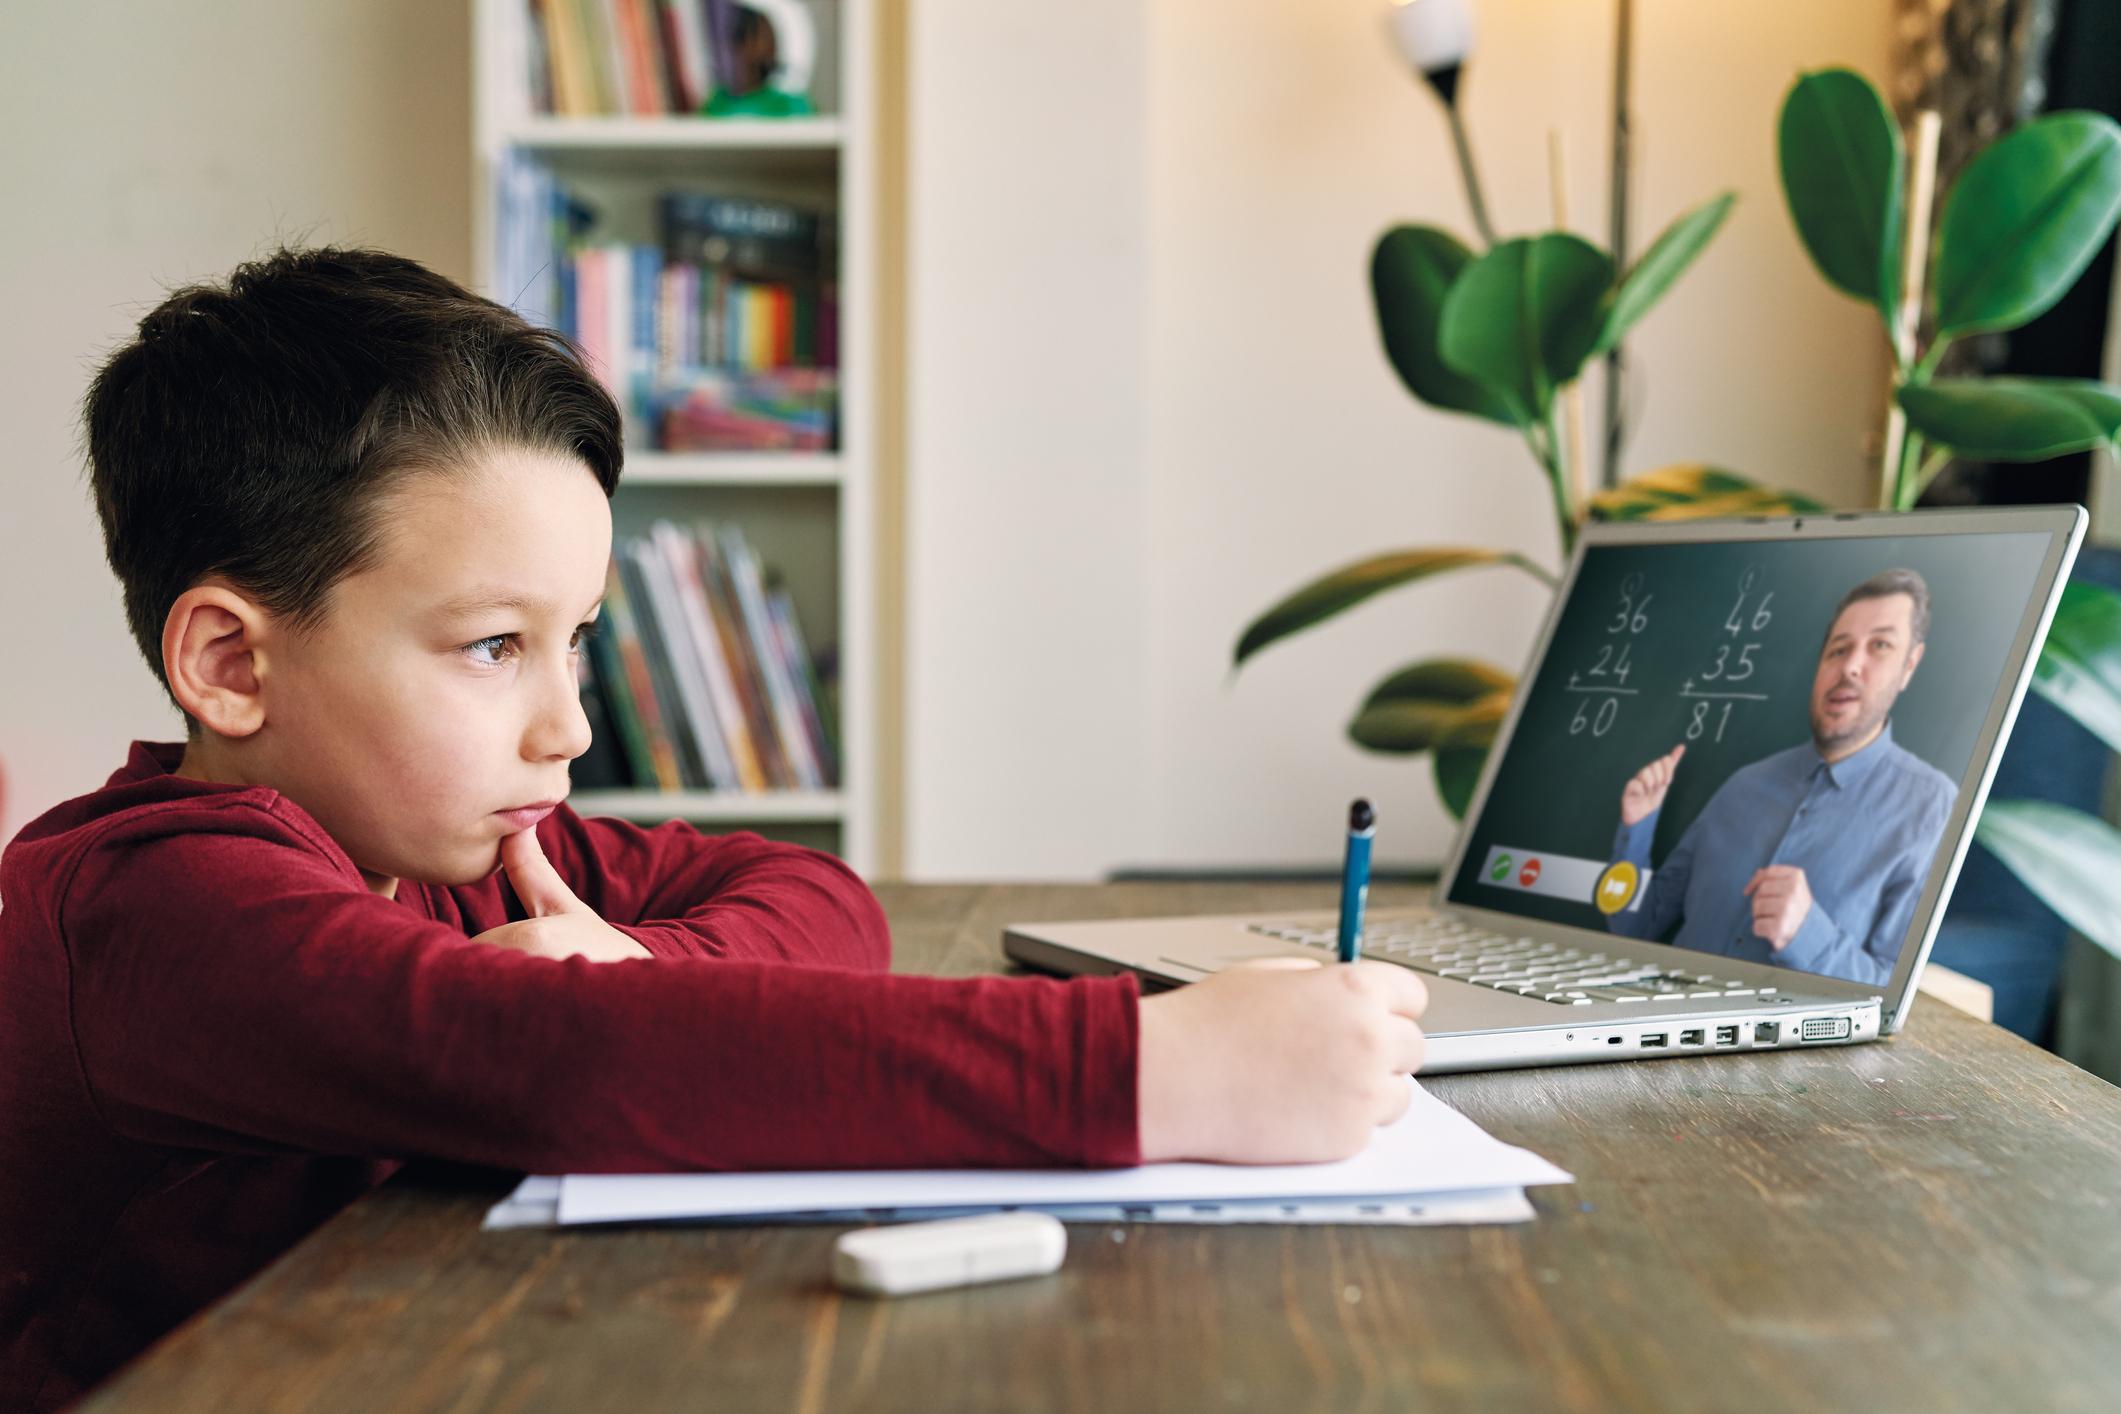 Yeni Eğitim Döneminde Ekstra Dikkat: Çocuk Sağlığı